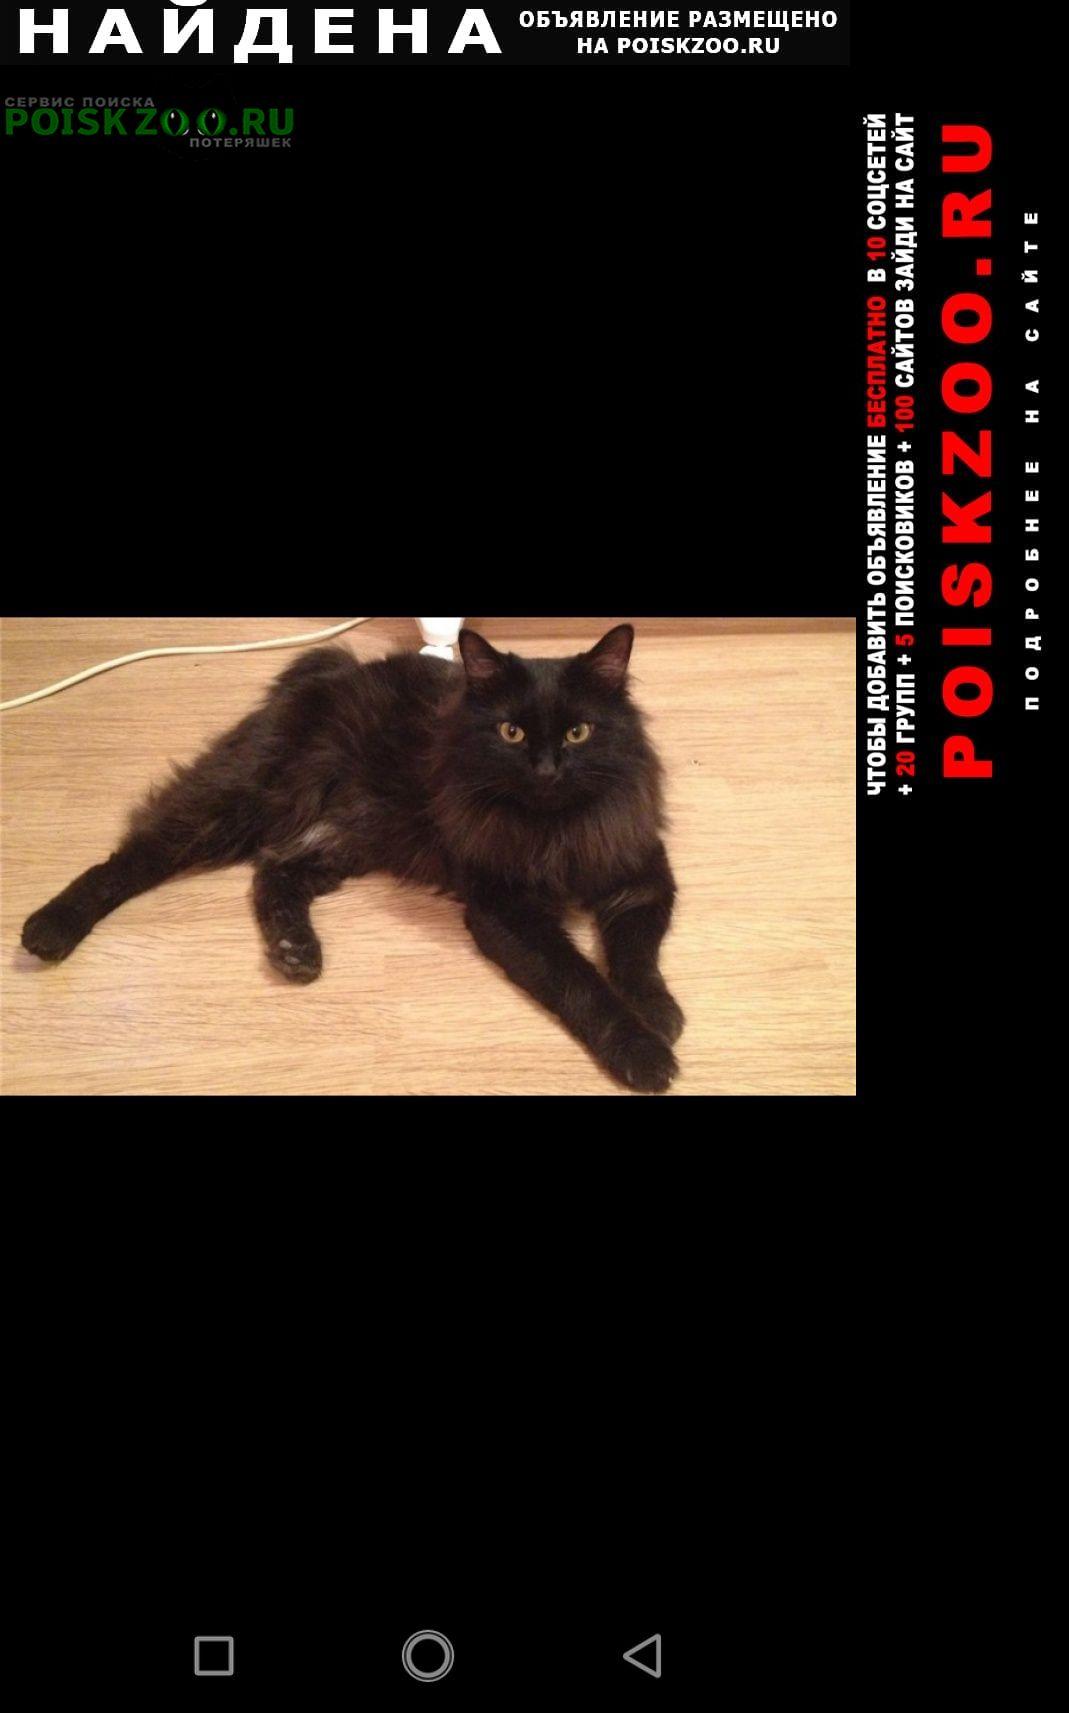 Найдена кошка черный бобтейл Раменское